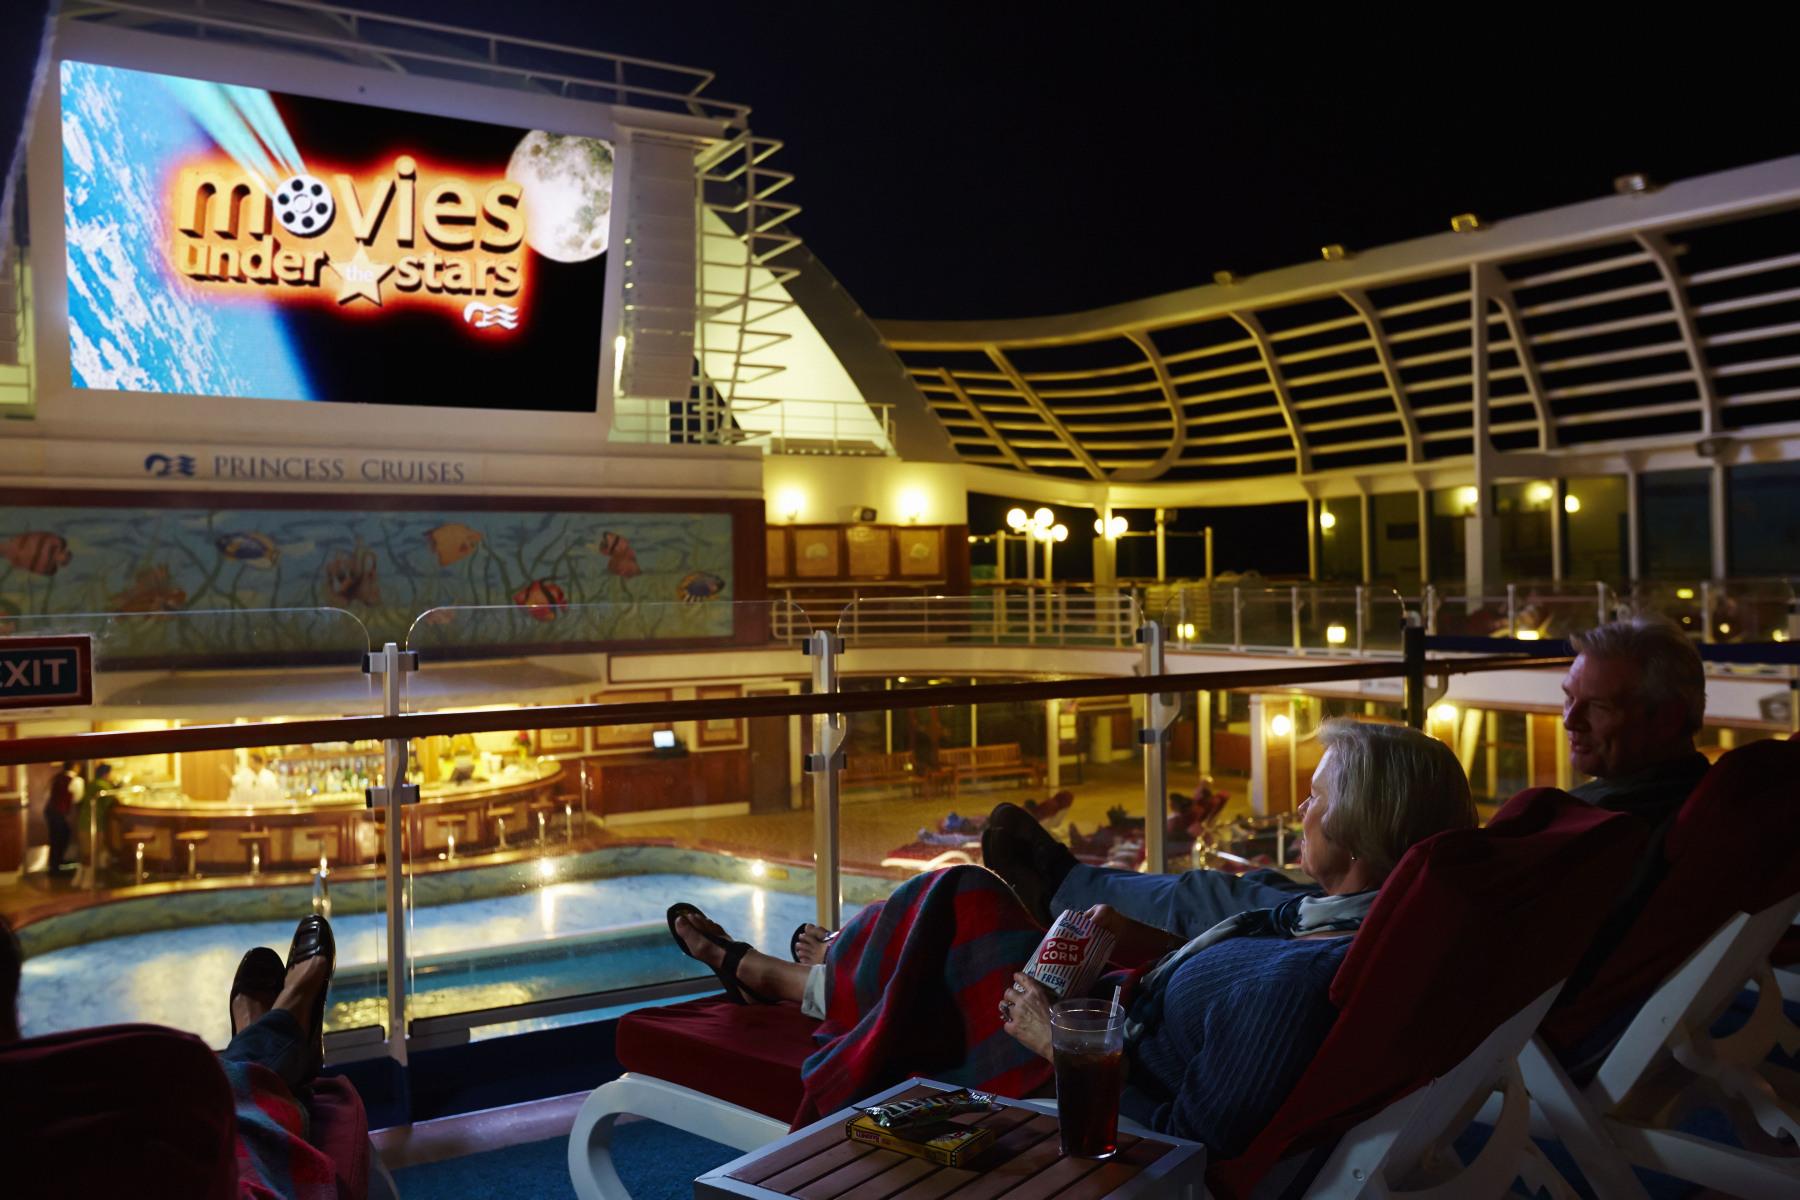 Princess Cruises Ruby Princess Exterior Movies Under The Stars.jpg